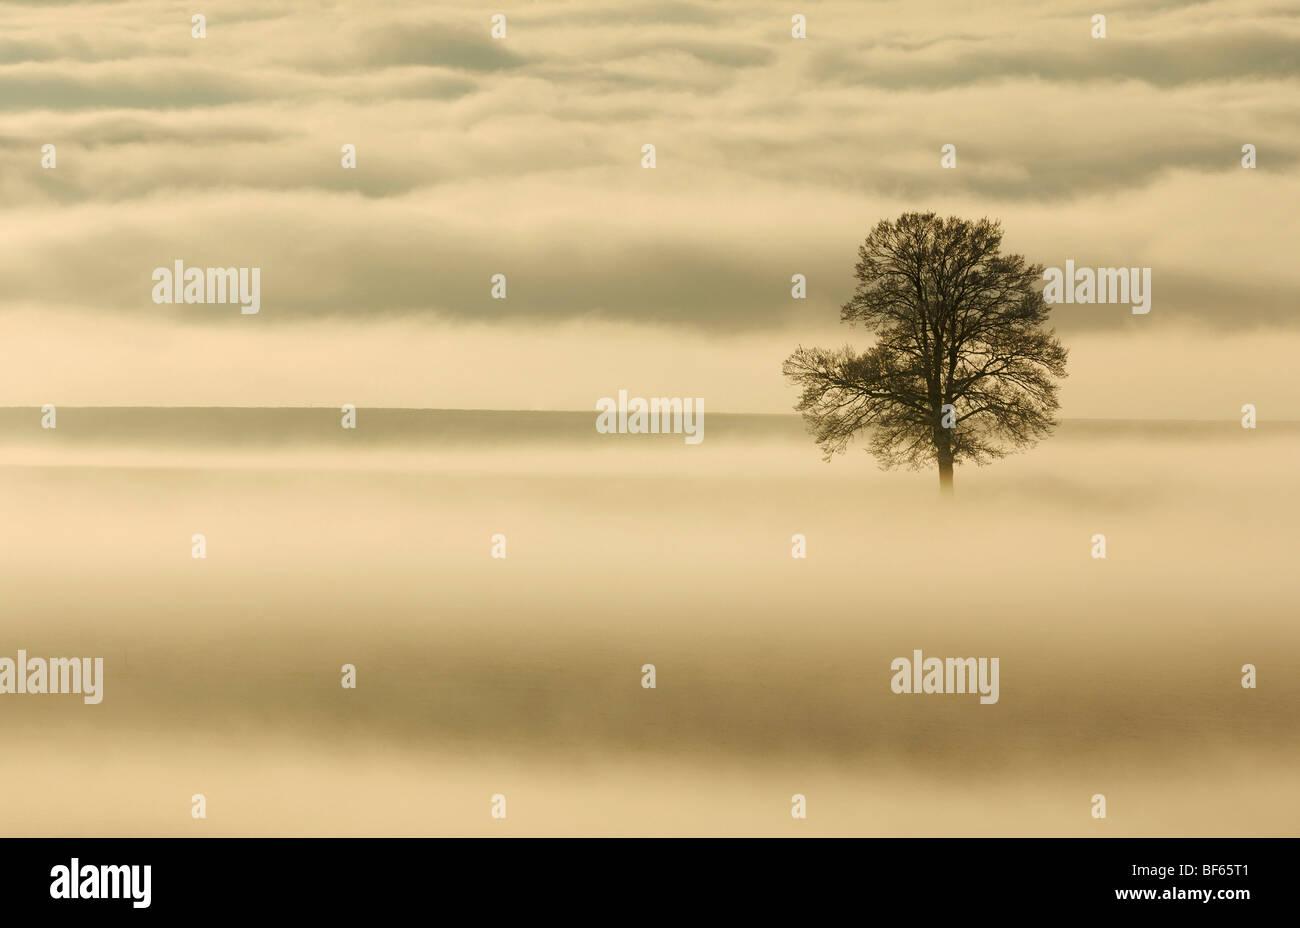 Farnia (Quercus robur) in caso di nebbia, Svizzera, Europa Immagini Stock